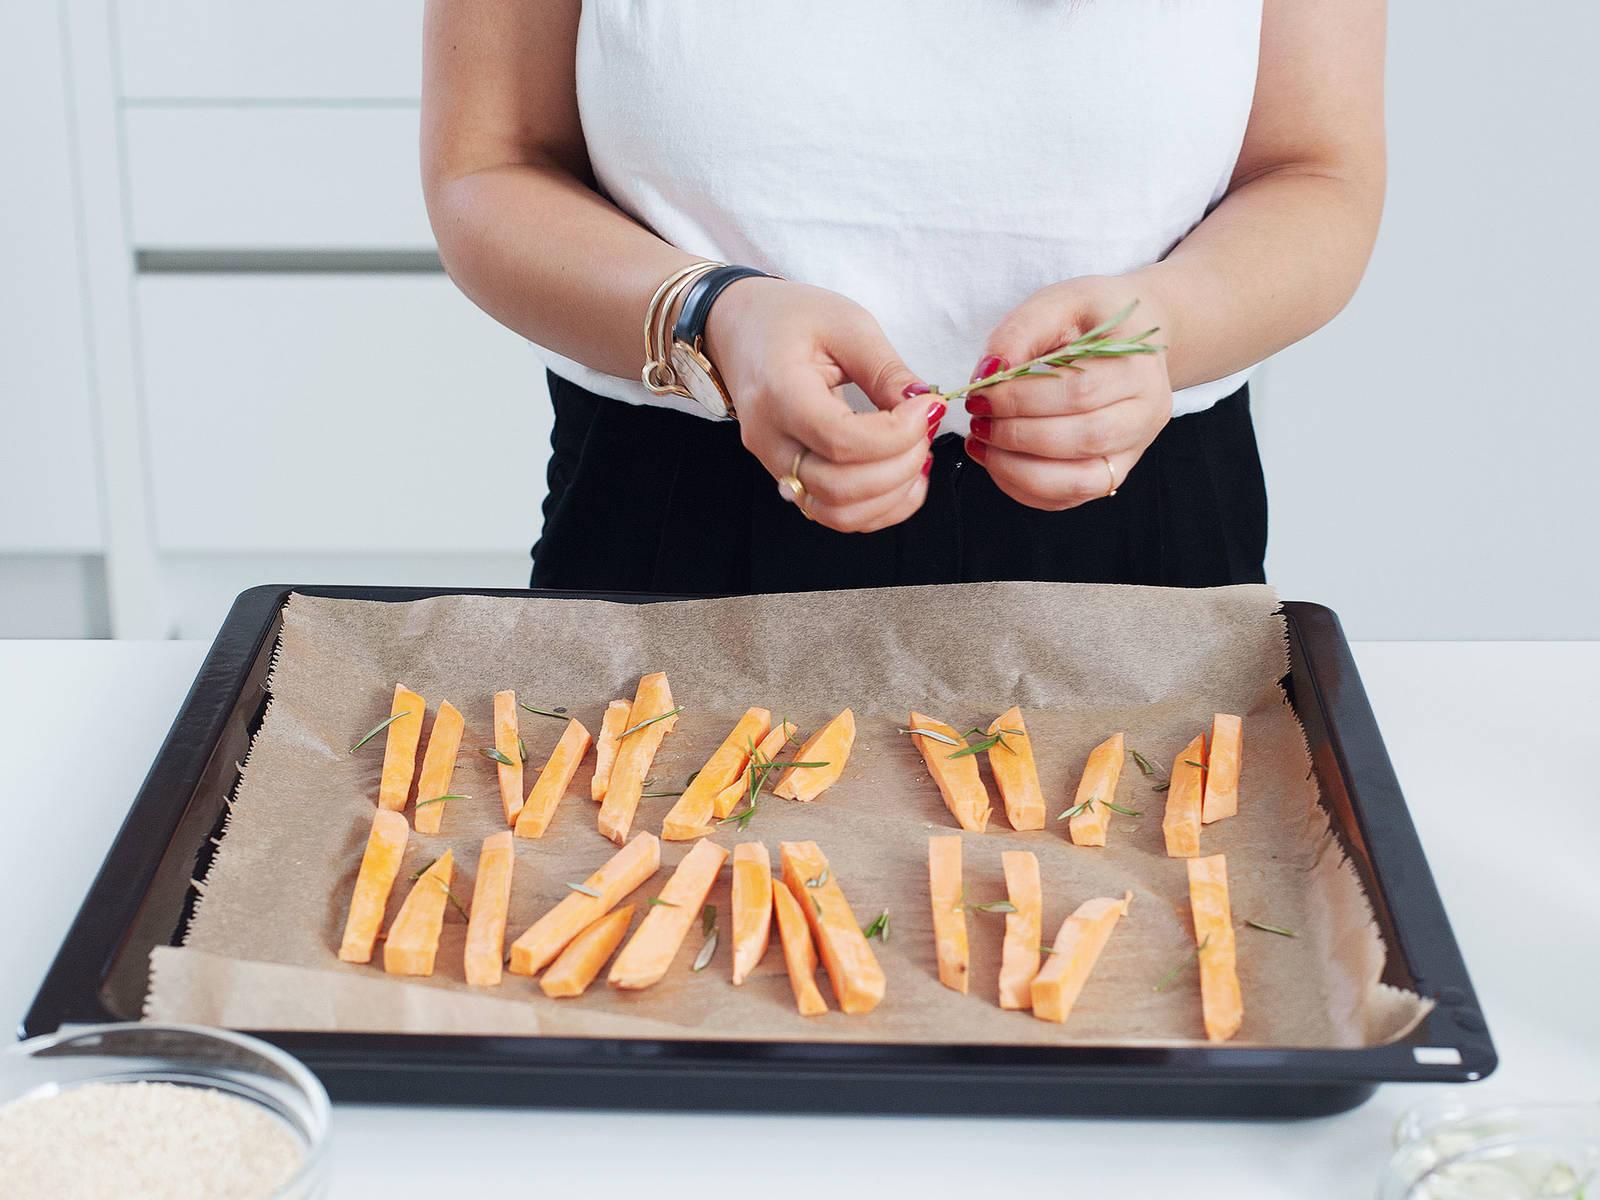 Backofen auf 200°C vorheizen. Süßkartoffel schälen und in Spalten schneiden. Rosmarin grob hacken. Kartoffelspalten auf ein mit Backpapier ausgelegtes Backblech geben. Nach Geschmack mit Salz und Pfeffer würzen, Rosmarin hinzugeben und mit Olivenöl beträufeln. Für ca. 25 - 30 Min. bei 200°C backen.